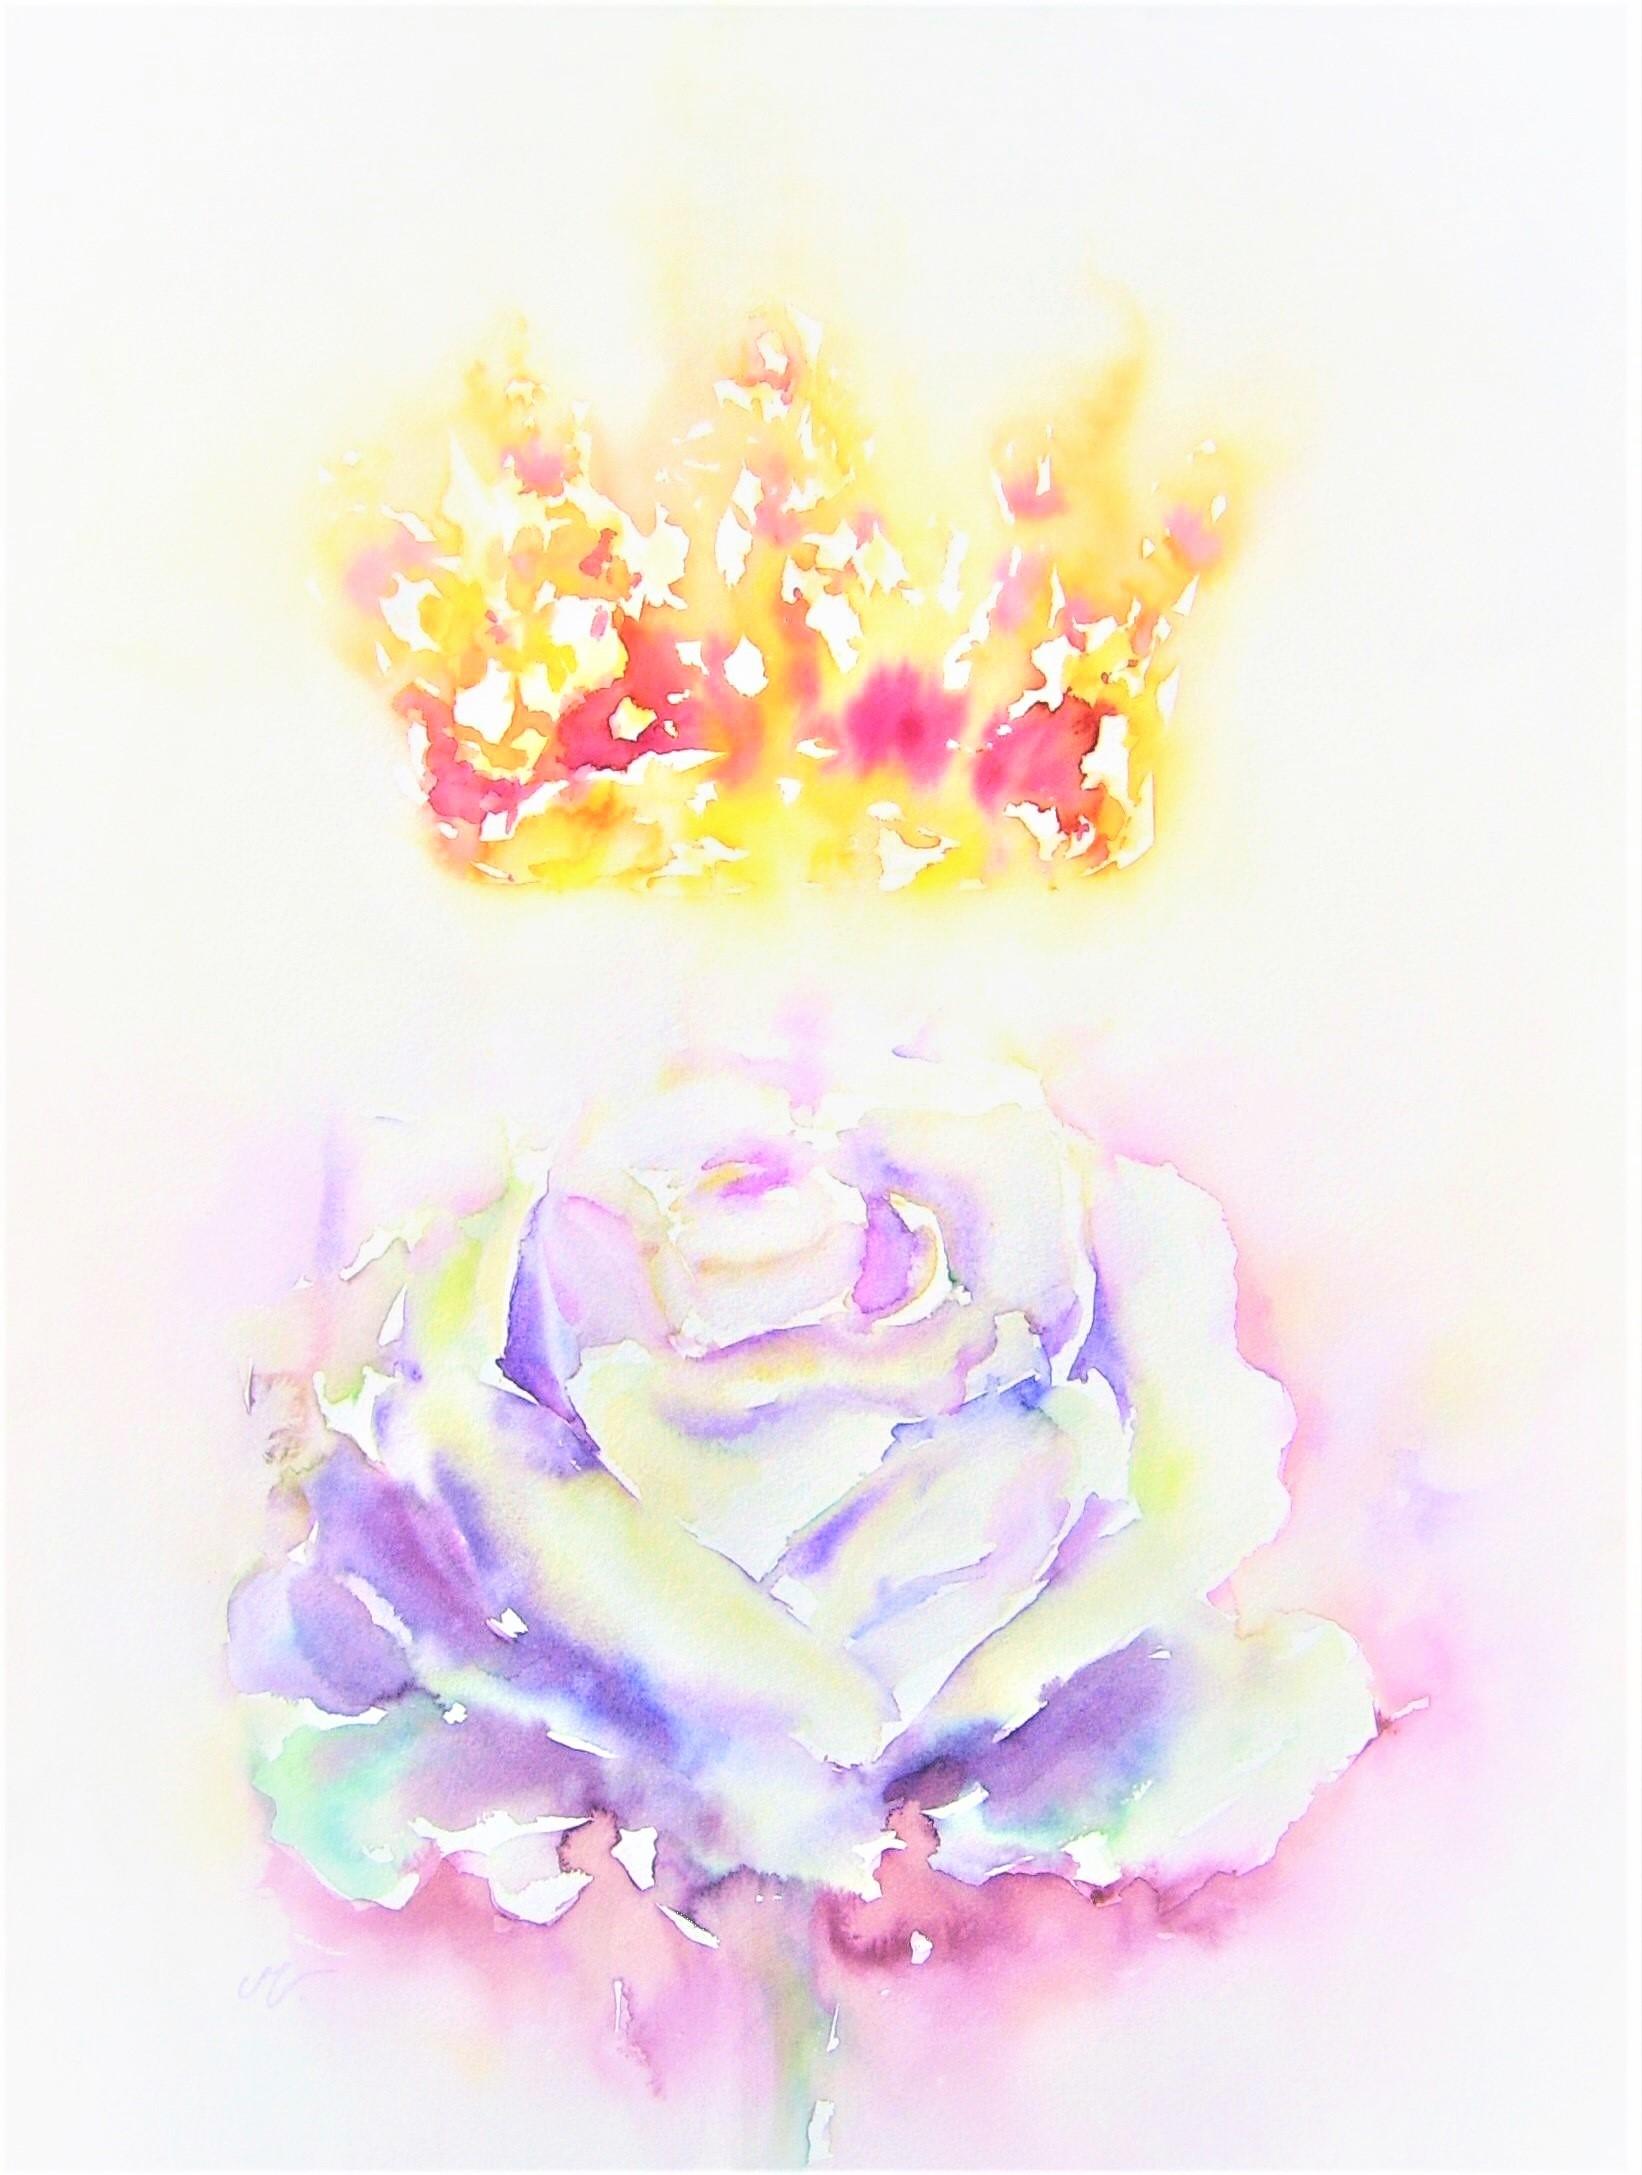 Transformatiesymbool: De Witte Roos en de Gouden Kroon